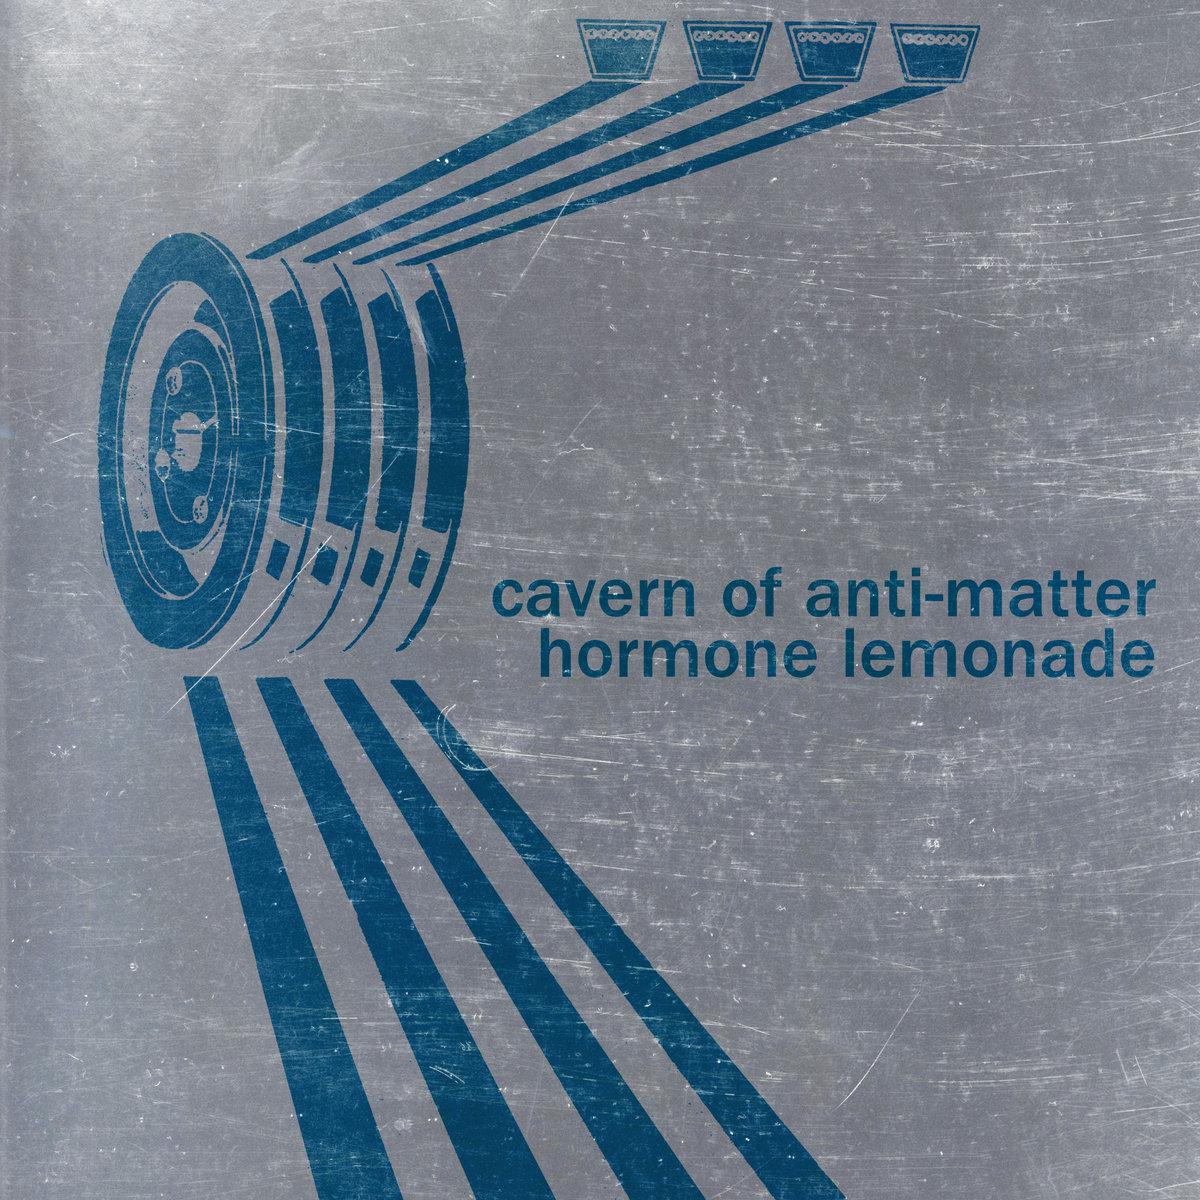 Cavern of Anti-Matter Hormone Lemonade